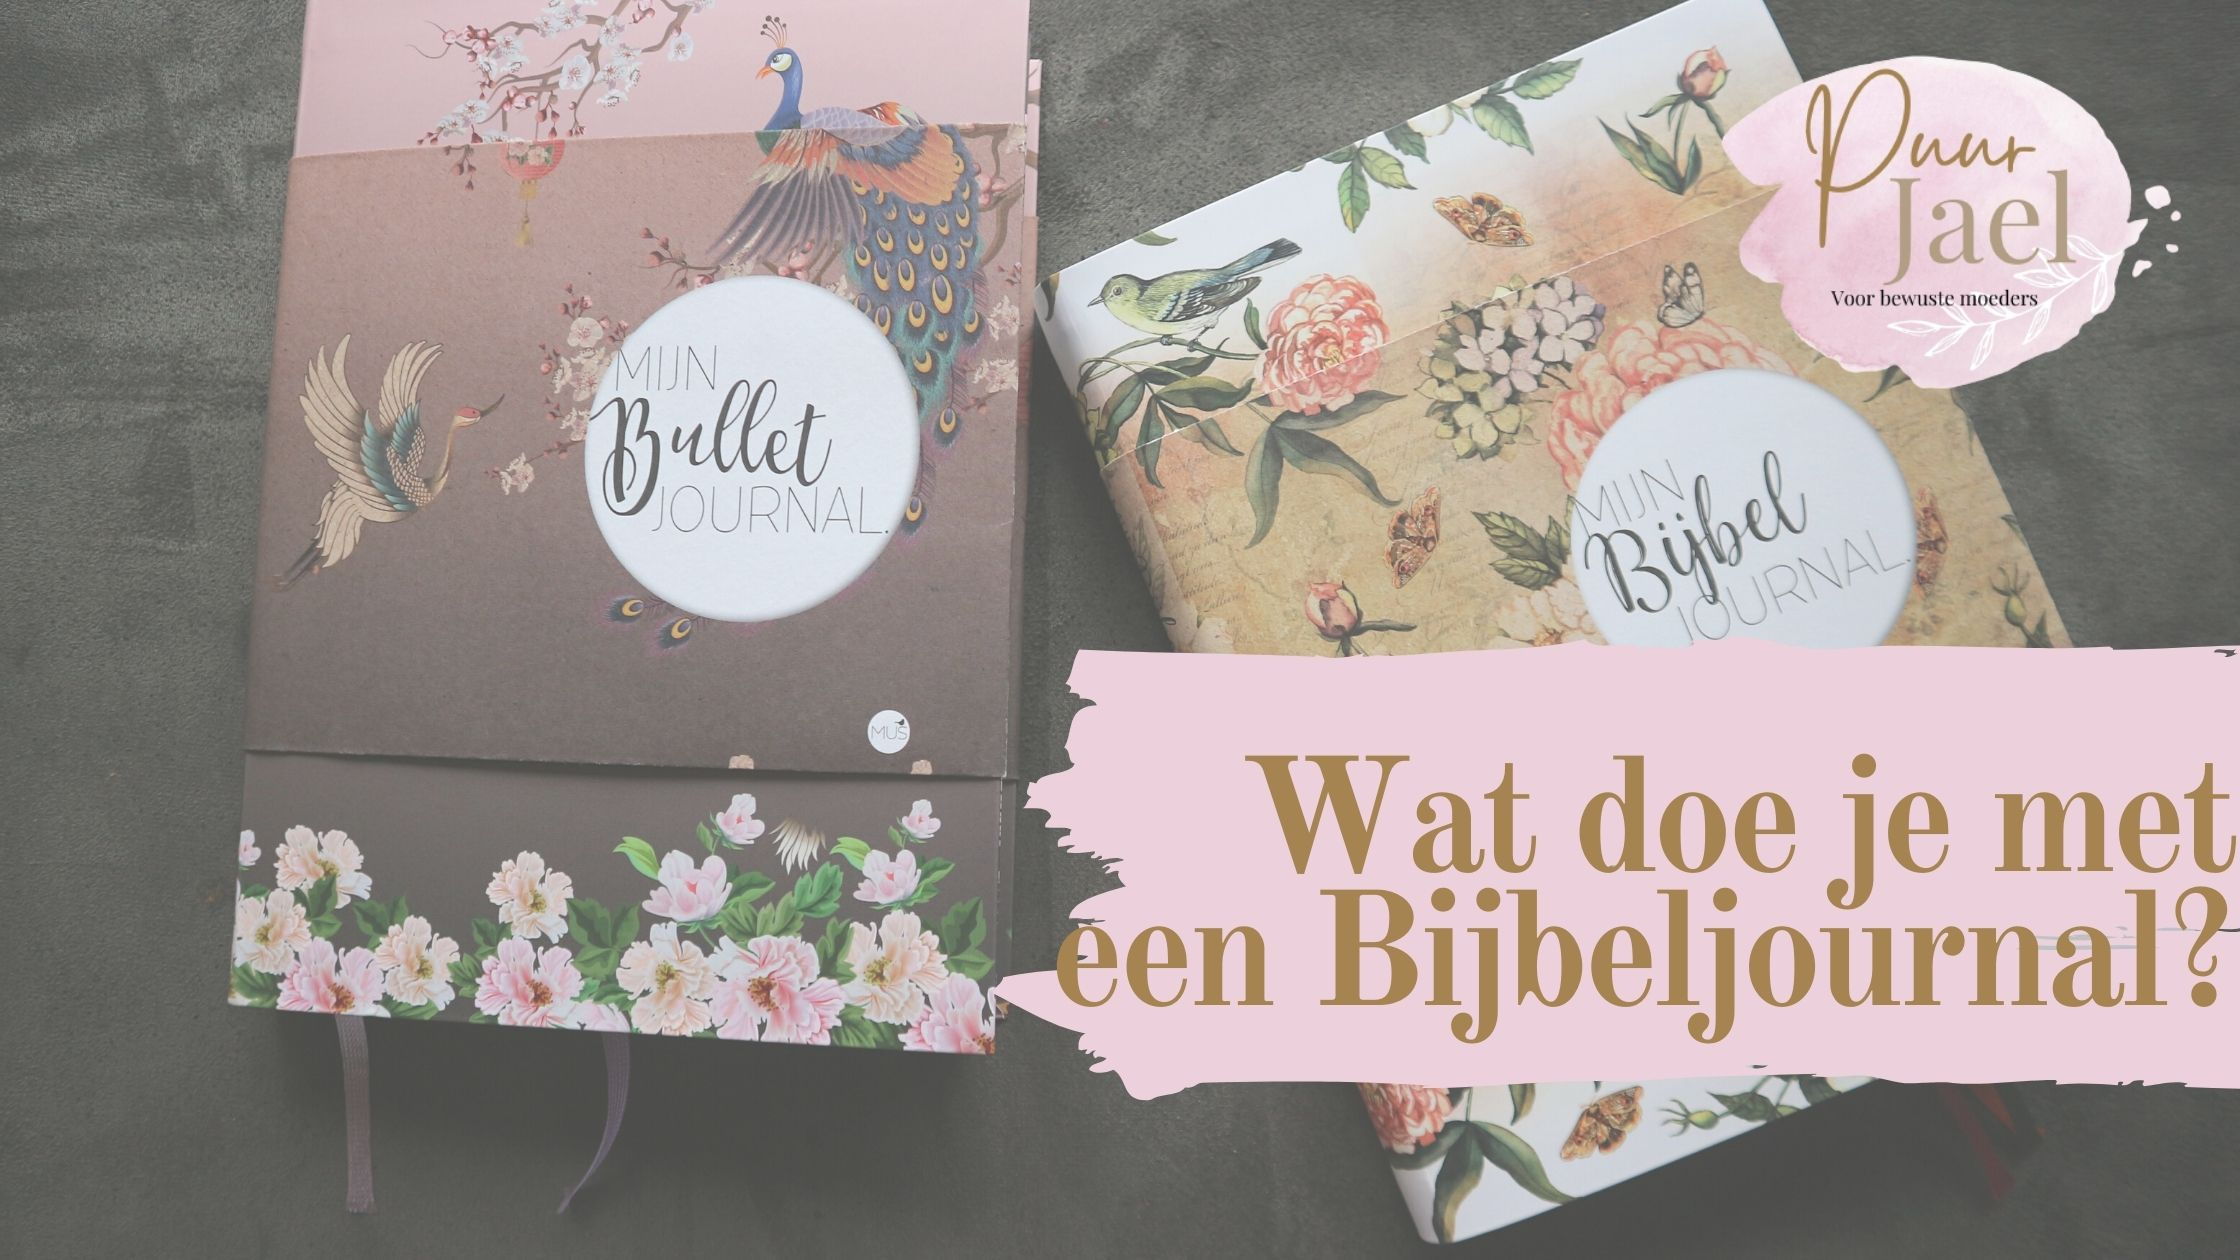 Wat is het verschil tussen de Bijbel journal en Bullet journal?